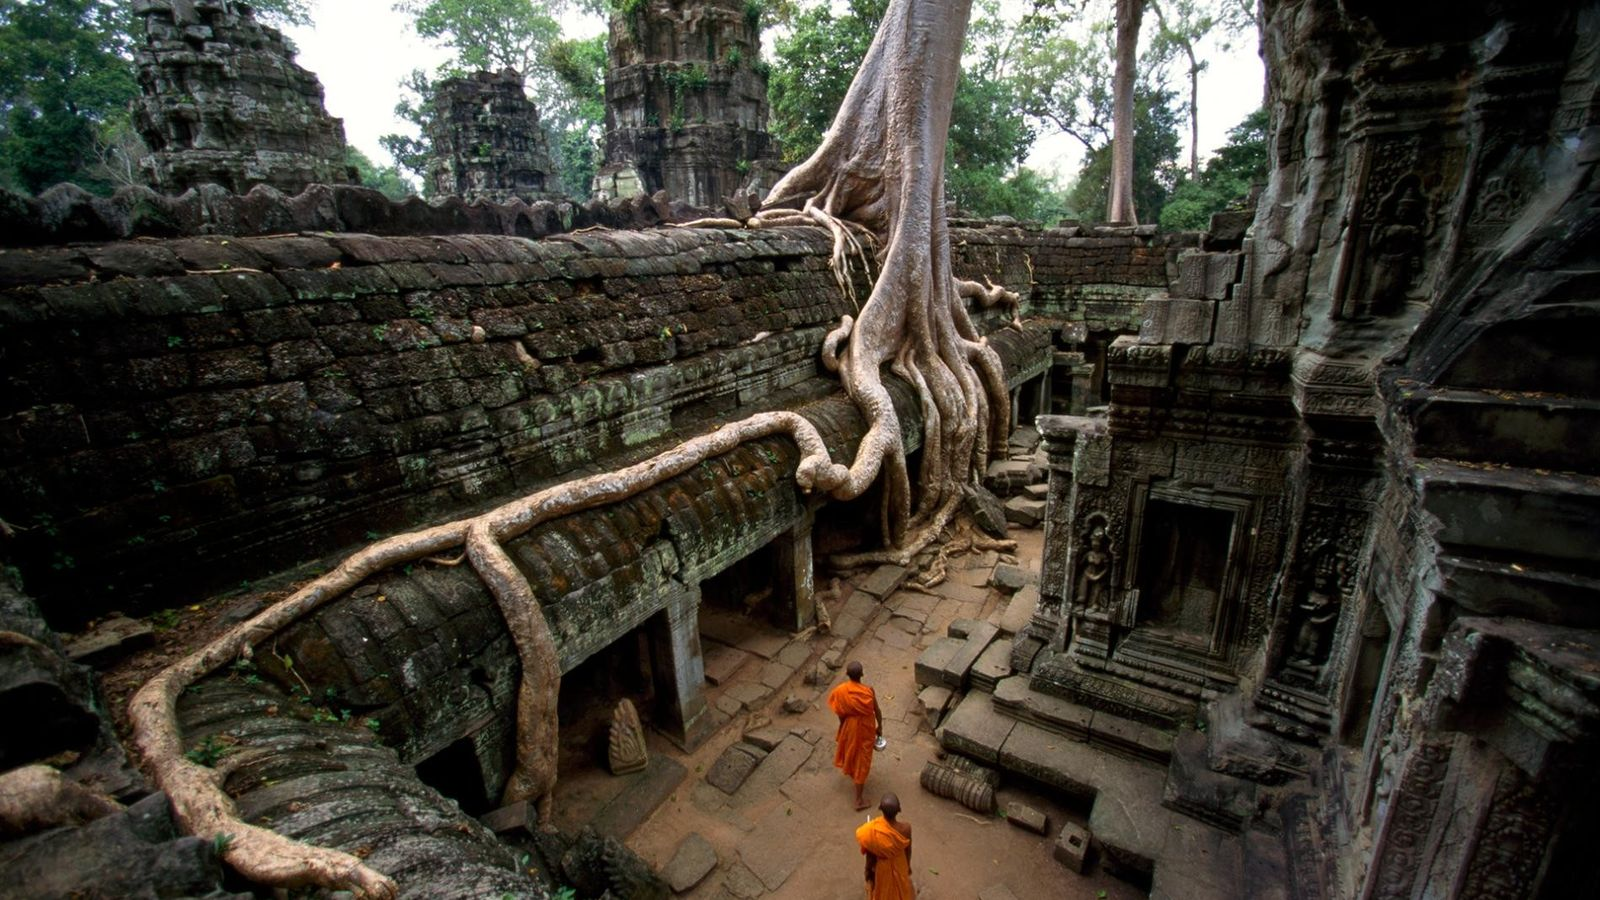 L'ancienne capitale de l'Empire Khmer abrite l'une des architectures les plus remarquables de l'histoire ancienne.